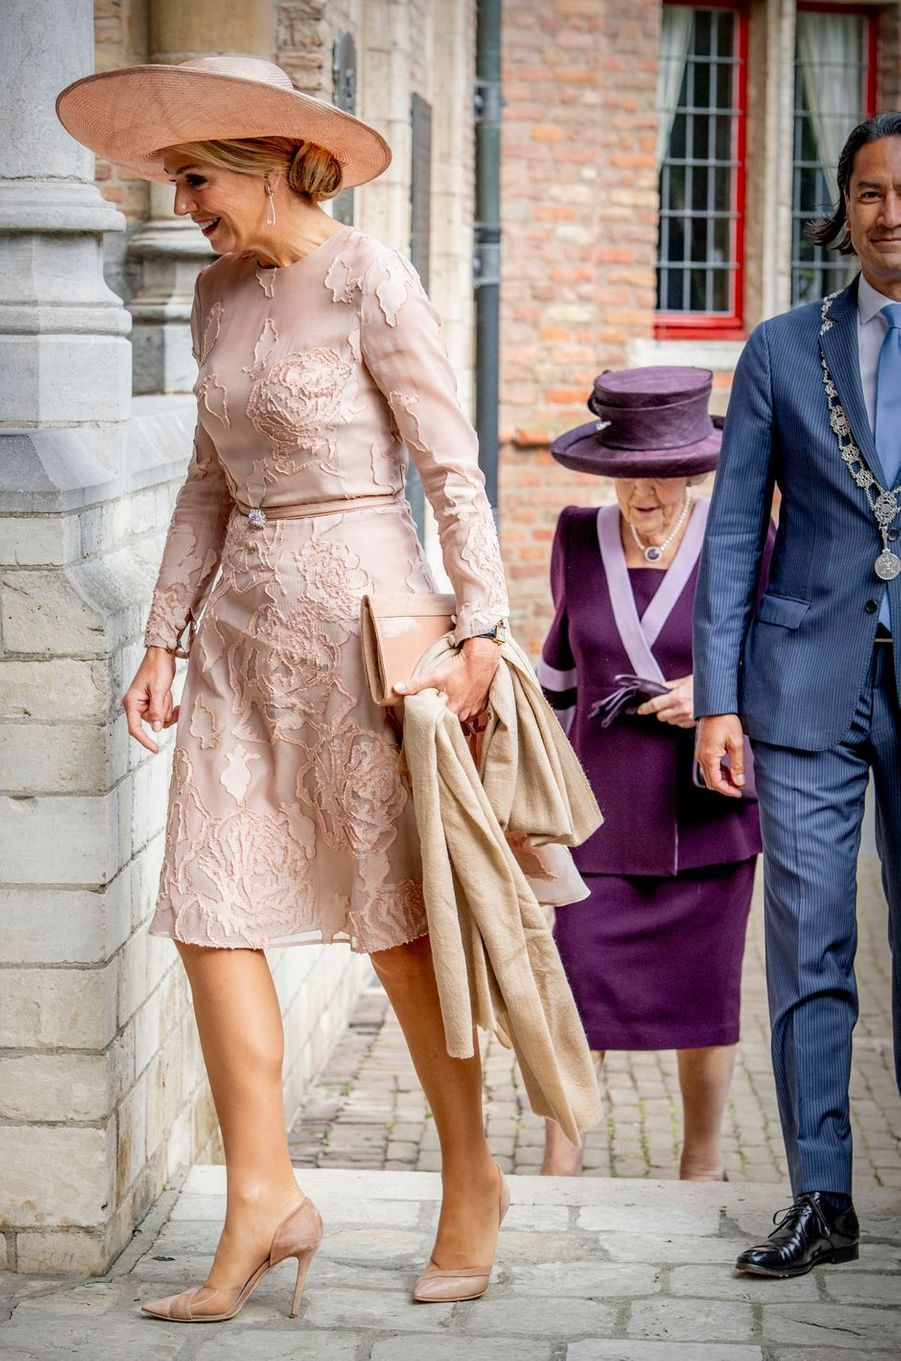 La reine Maxima et la princesse Beatrix des Pays-Bas à Middelburg, le 16 mai 2018